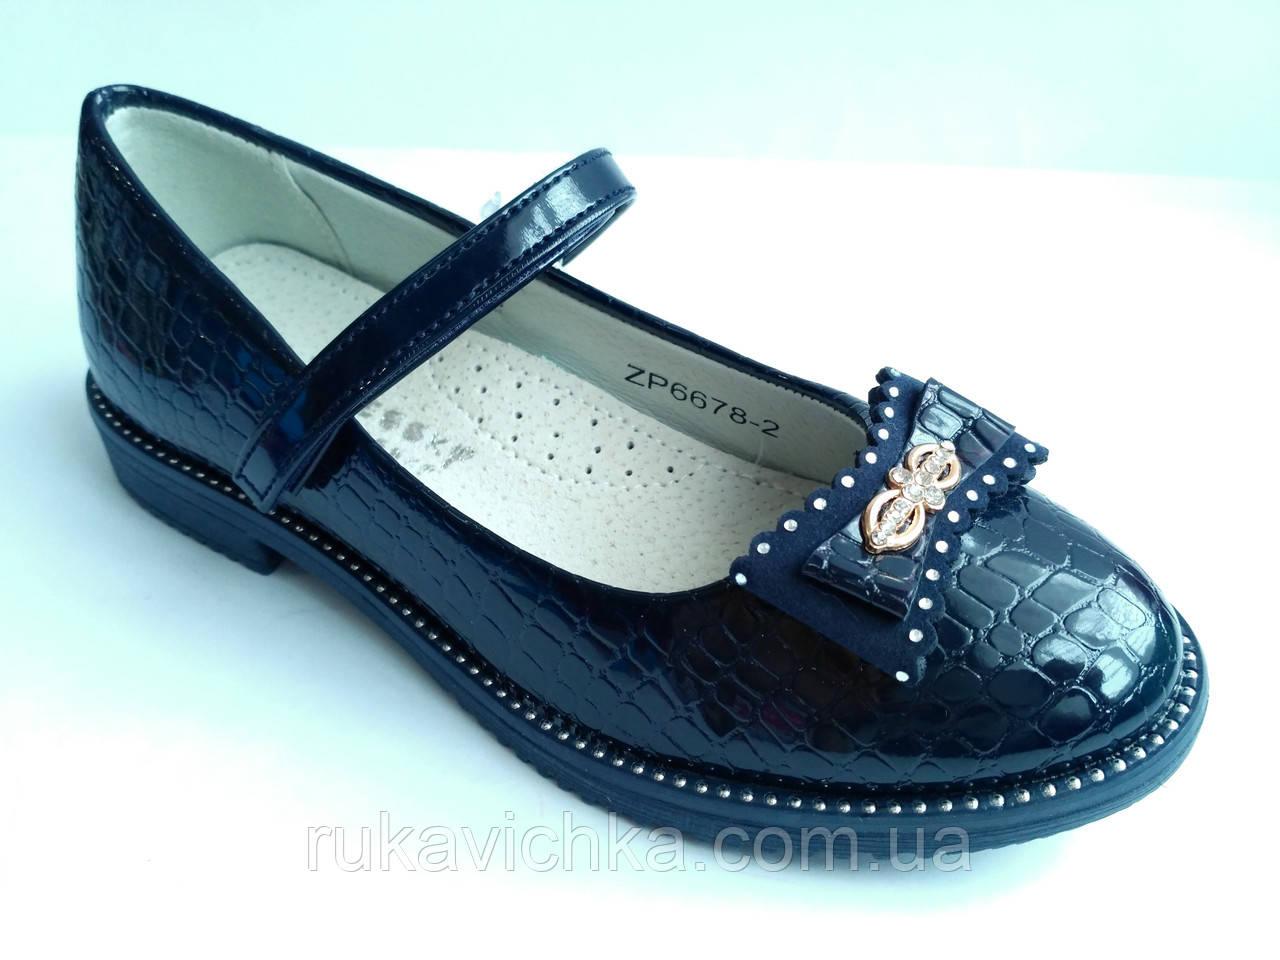 d2452da8a Качественные школьные туфли для девочки бренда Kellaifeng (Bessky), (р. 35 -